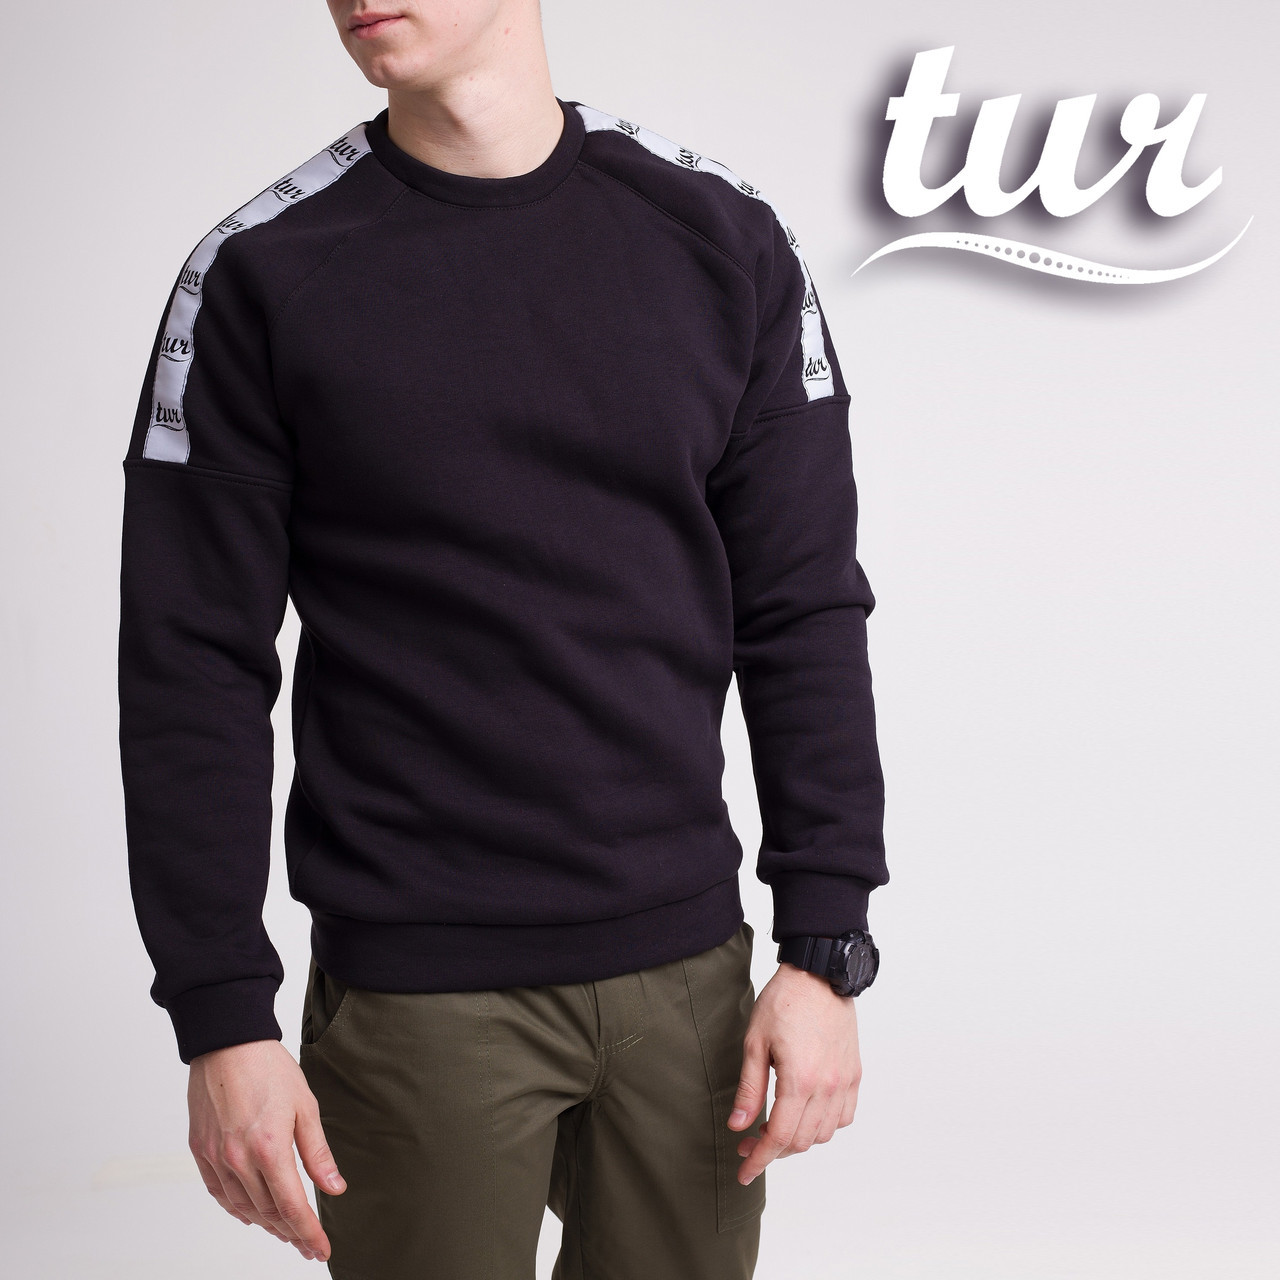 Зимний свитшот реглан мужской чёрный с лампасом от бренда ТУР Сайбот (Saibot ) размер S, M, L, XL